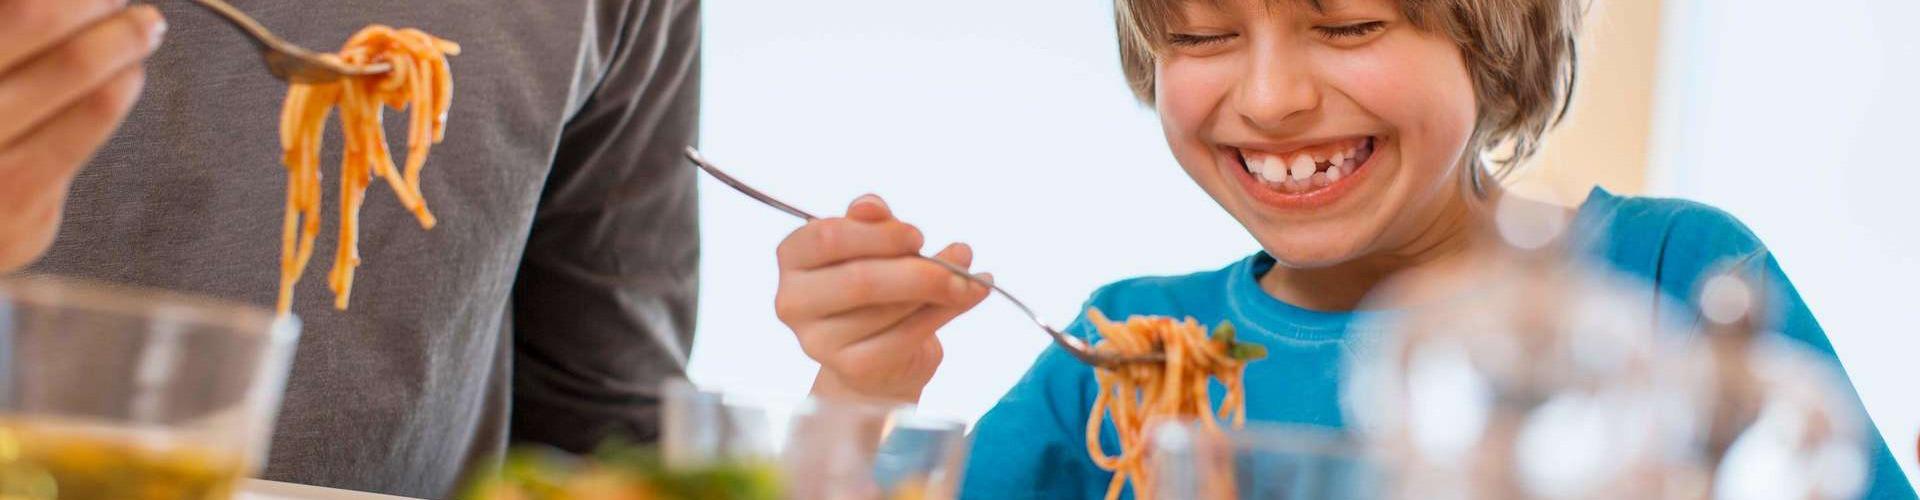 Menu dla dzieci i rodzinne biesiadowanie